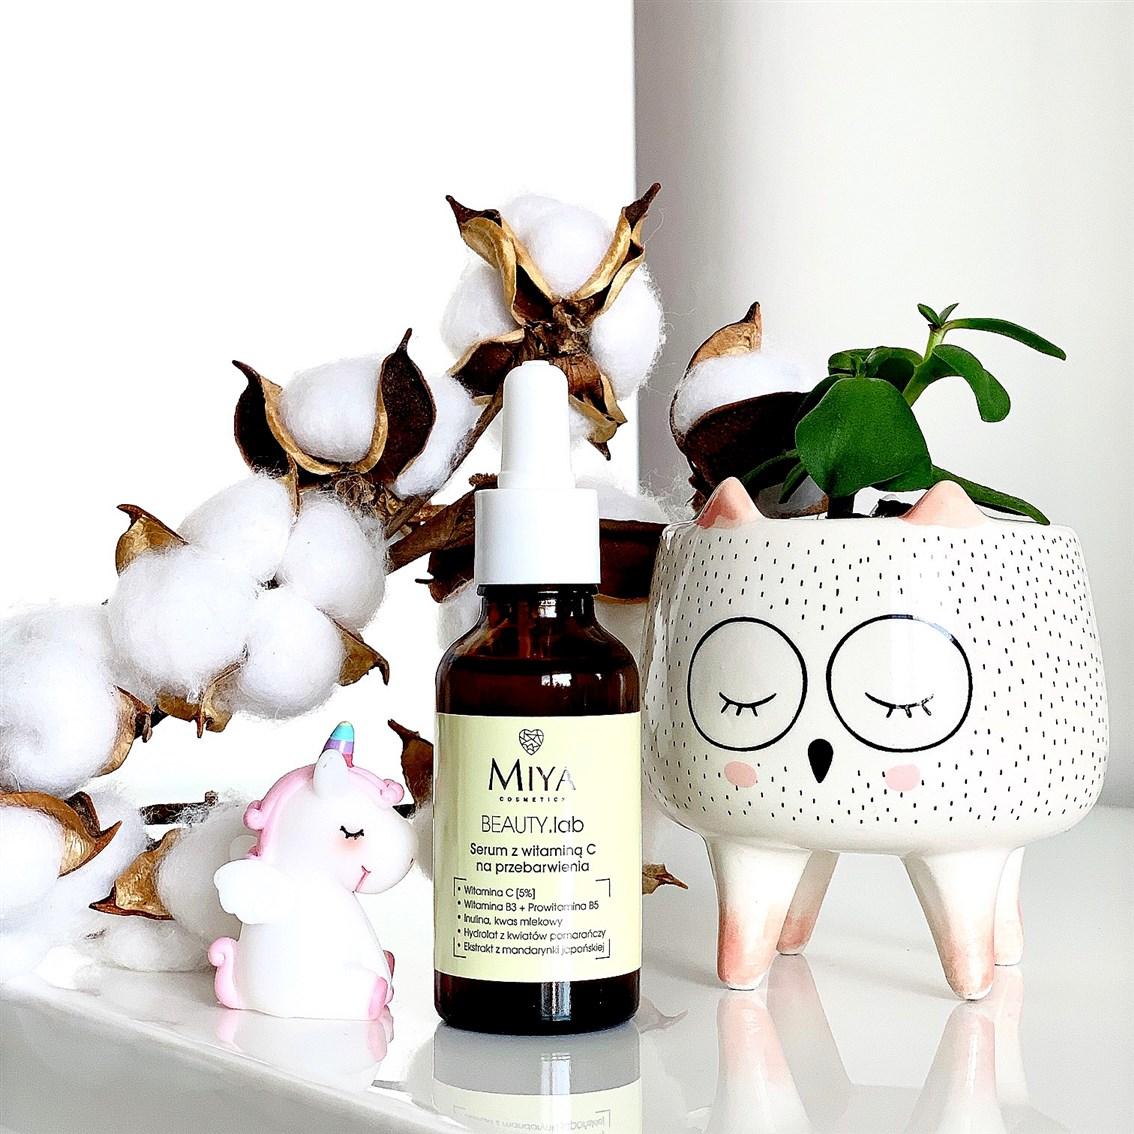 Miya Beauty Lab serum z witaminą C